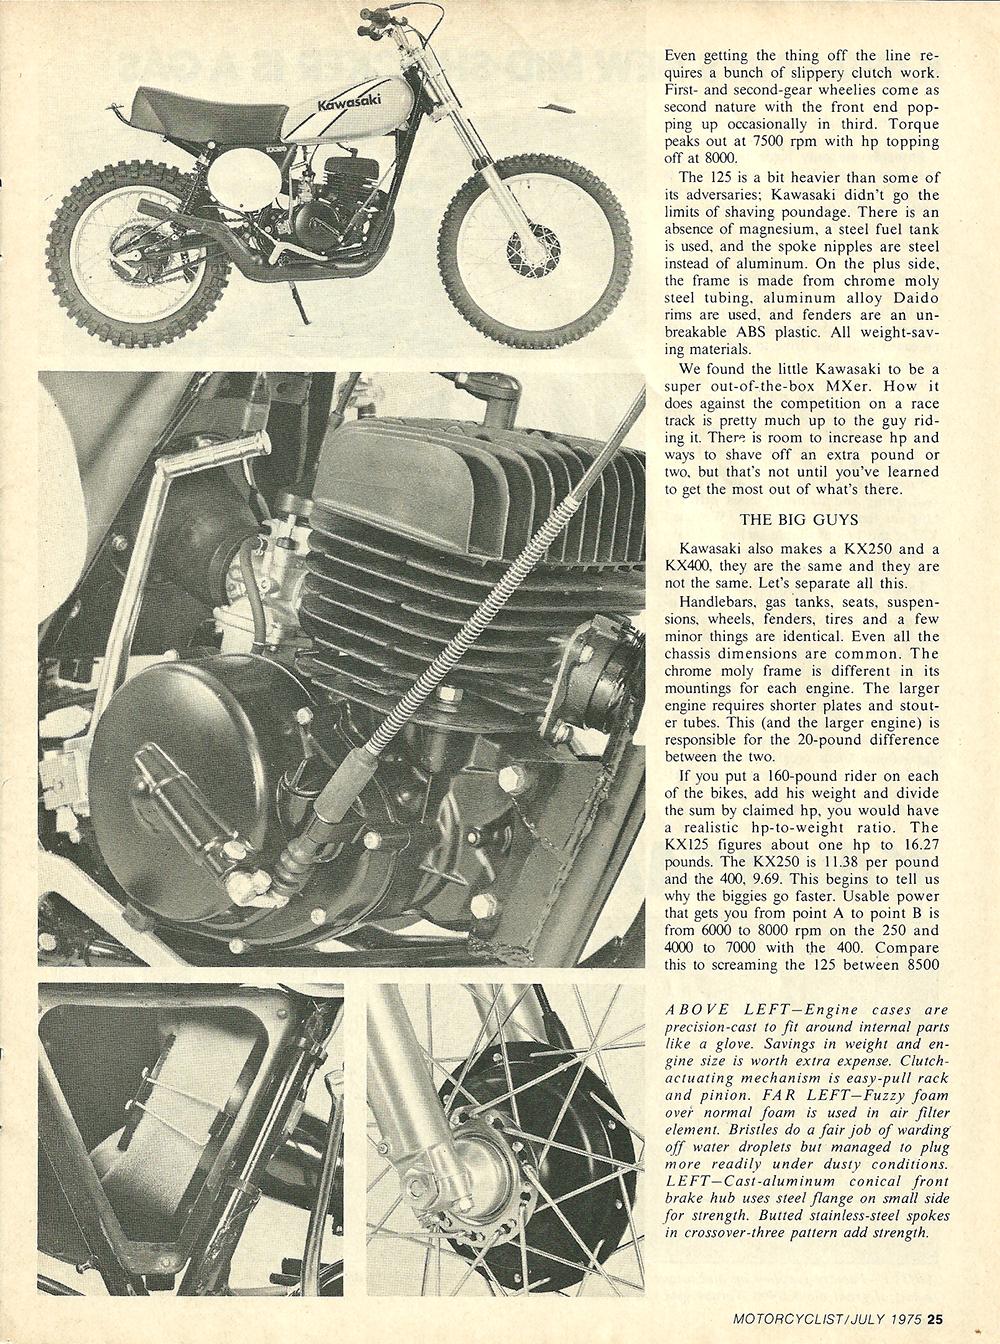 1975 Kawasaki KX 125 250 400 road test 6.jpg